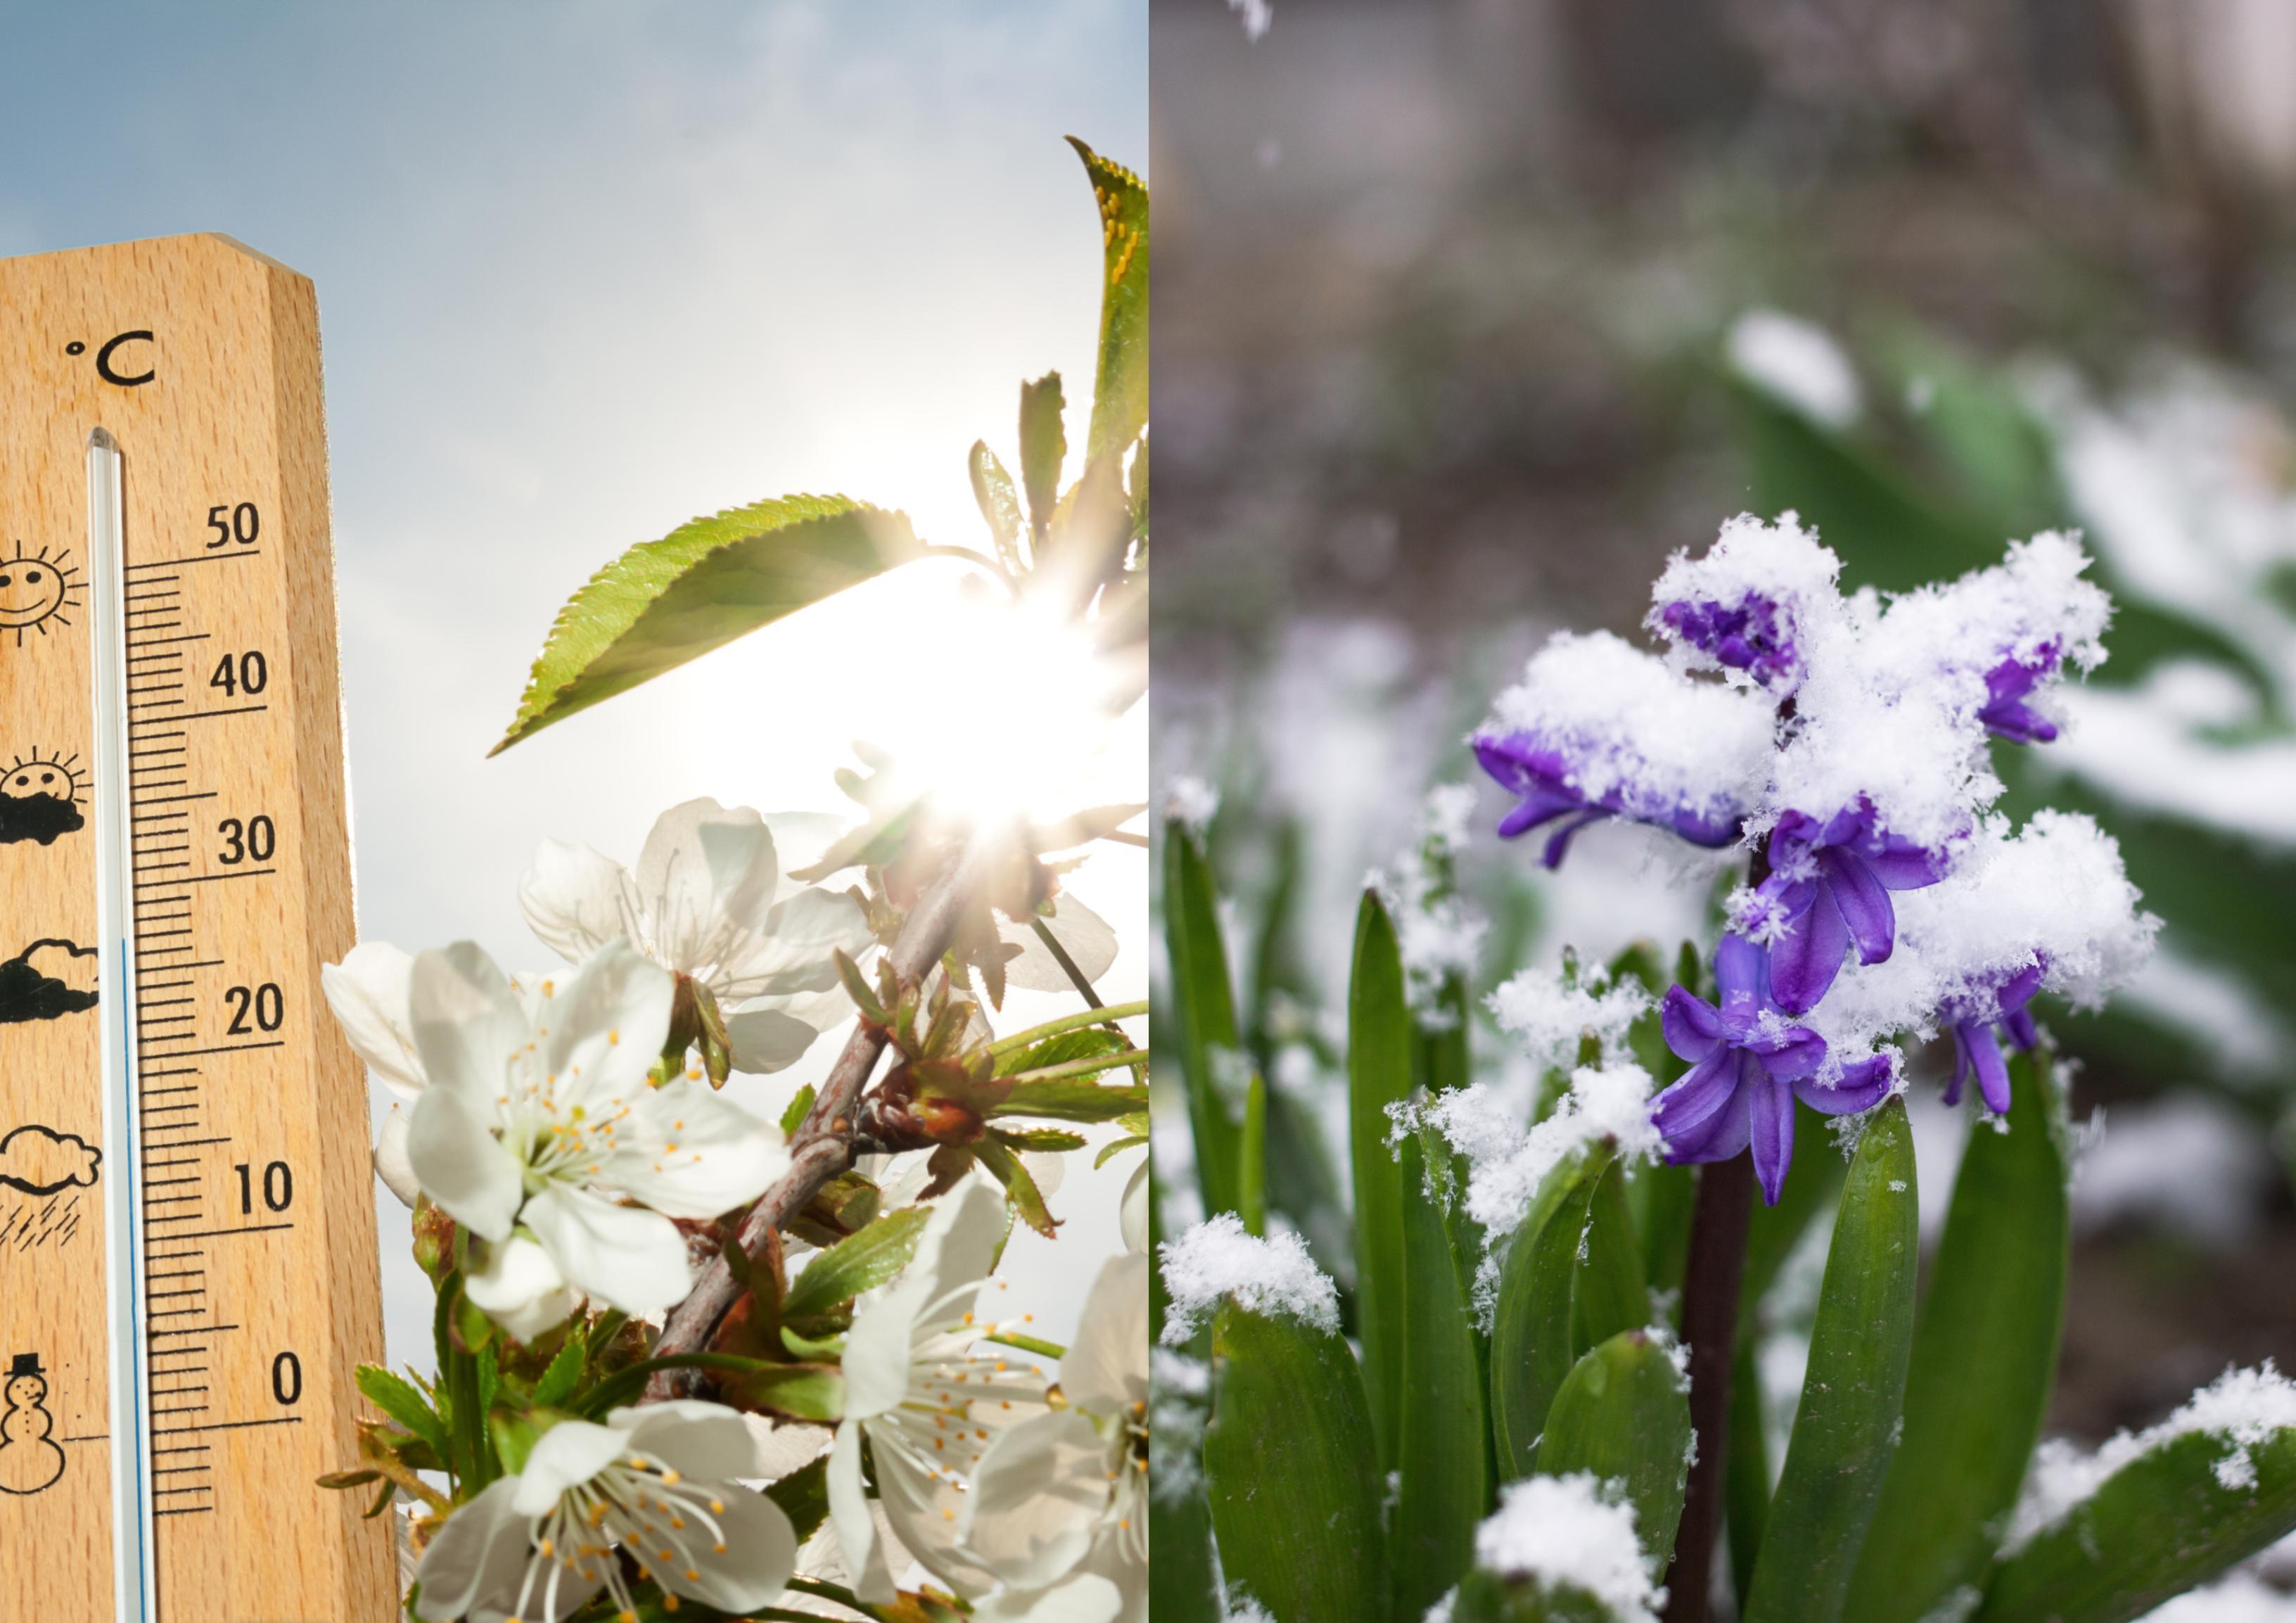 Alertă ANM! România este împărțită între primăvară și iarnă. Unde se vor înregistra cele mai scăzute și cele mai mari temperaturi